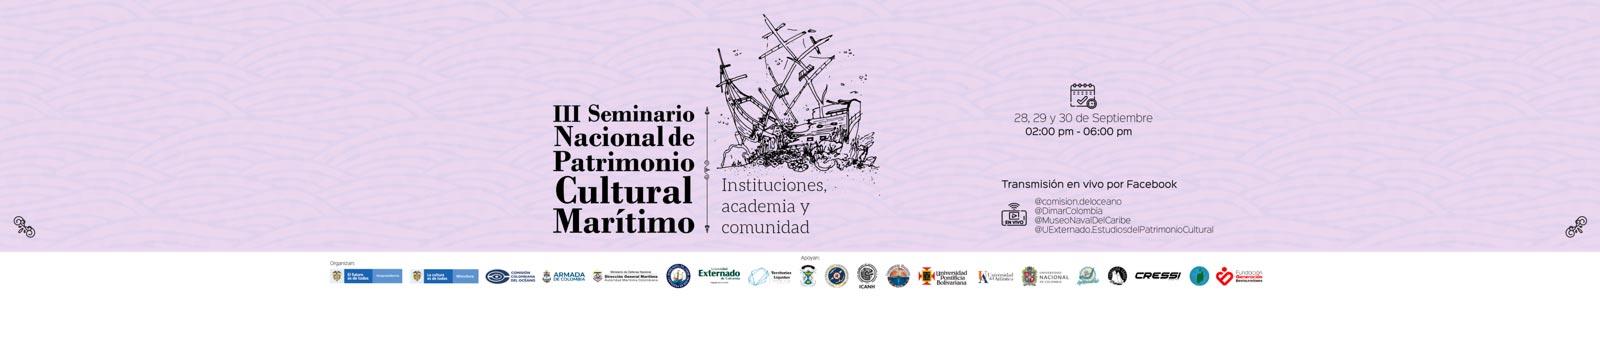 III Seminario Nacional de Patrimonio Cultural Marítimo: Instituciones, Academia y Comunidad